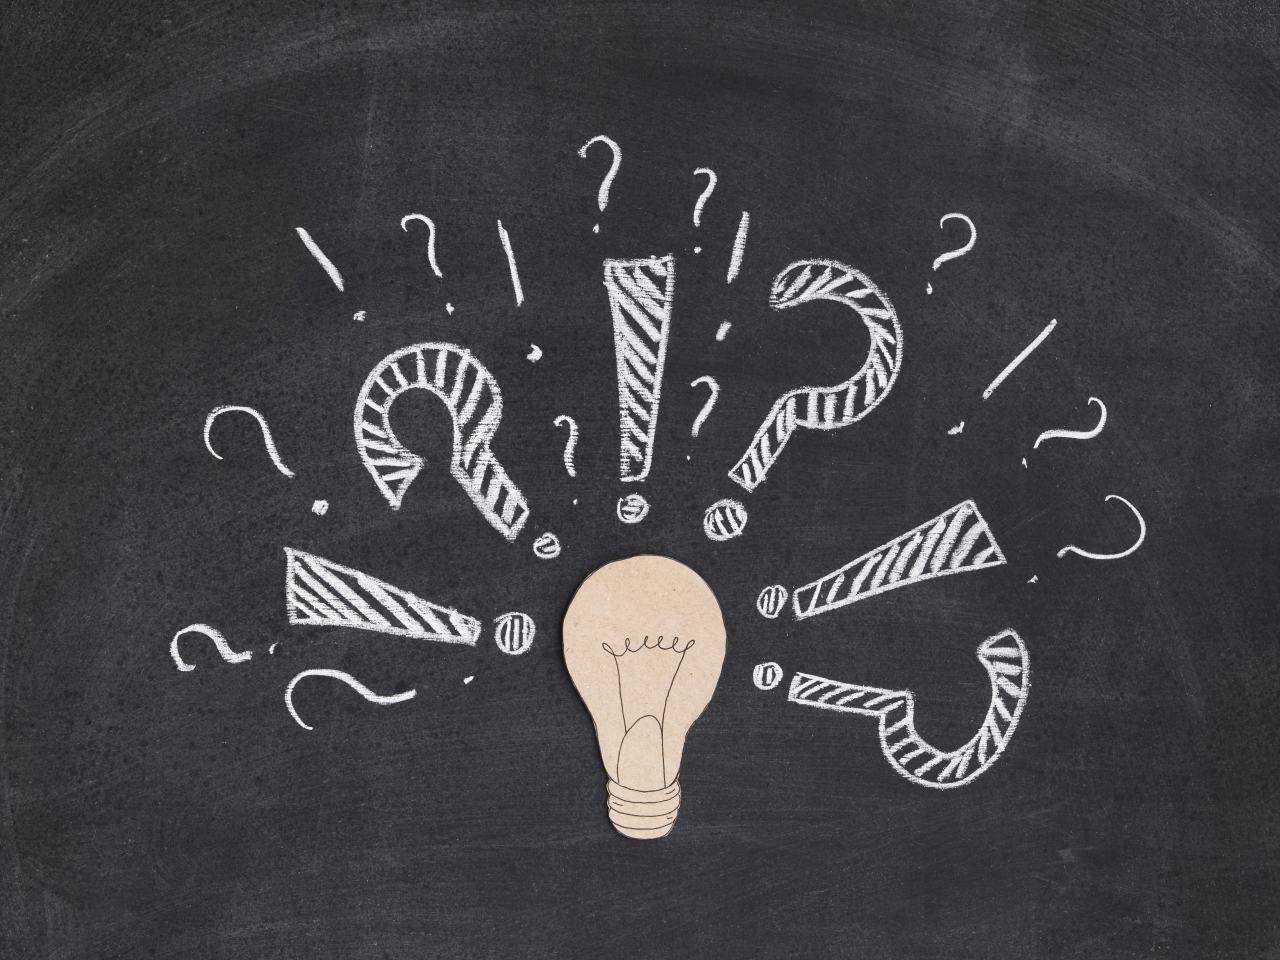 žiarovka a otázniky